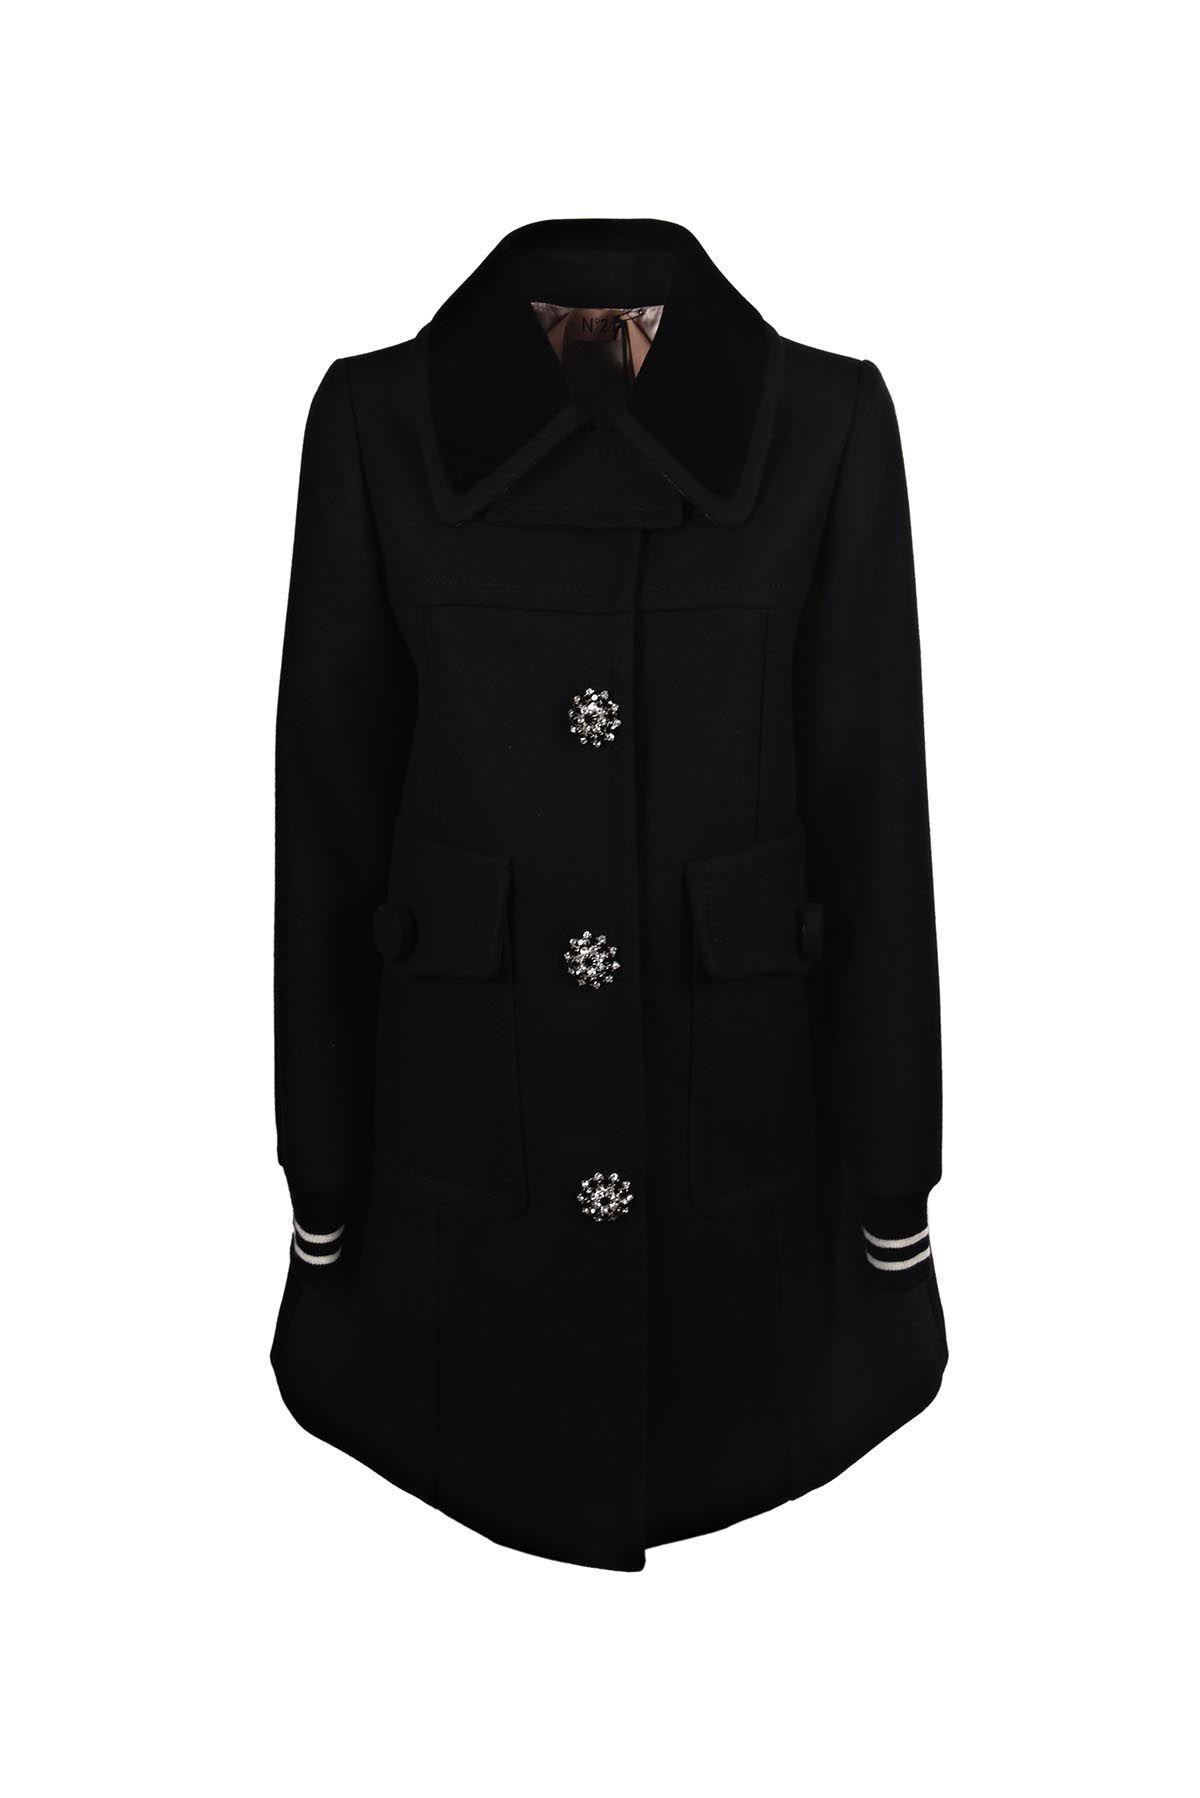 N.21 N°21 Oversized Coat